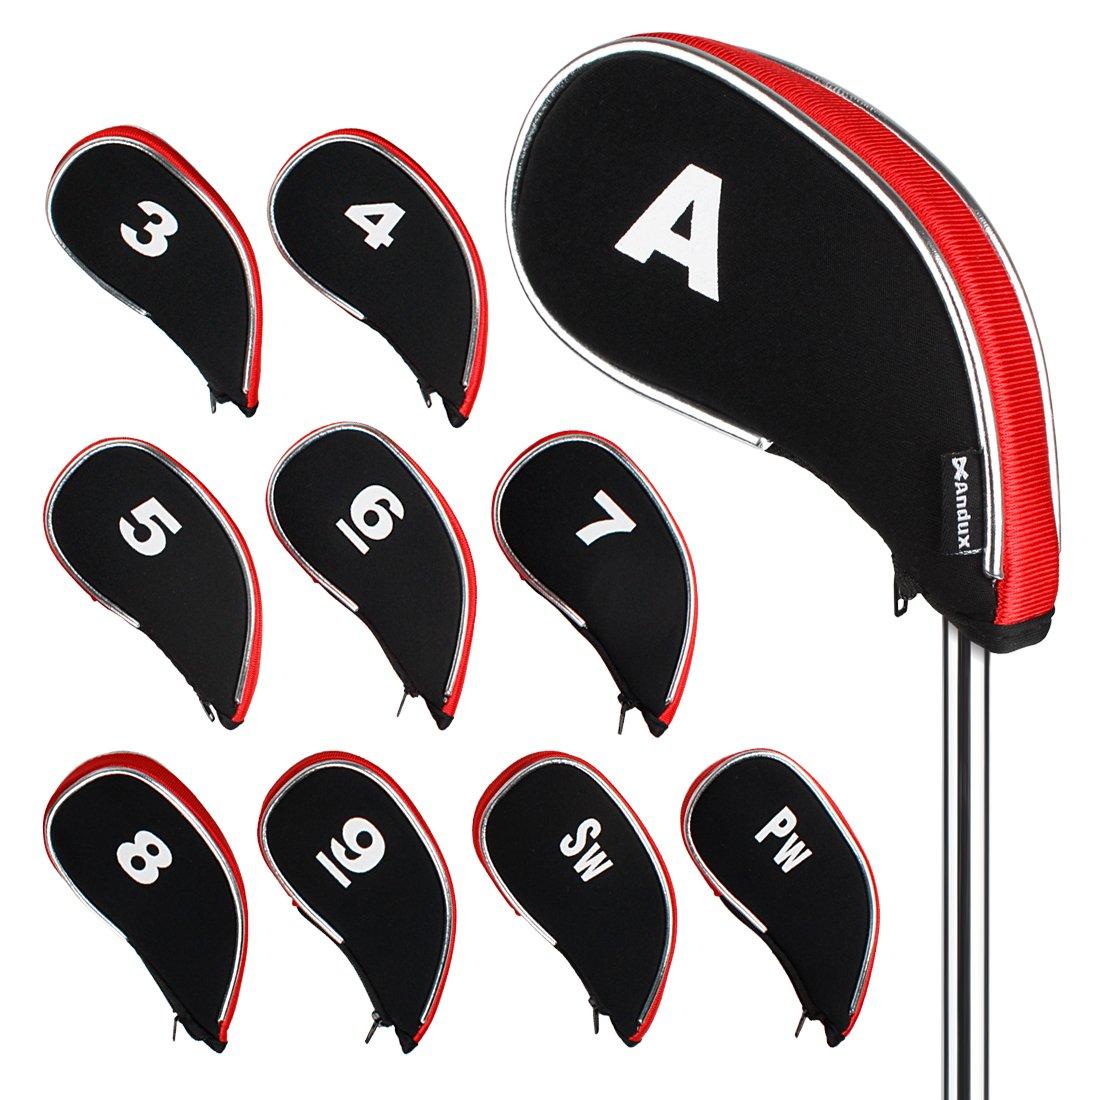 Andux新しいデザインゴルフアイアンヘッドカバーファスナー付き10個/セットMT / yb02ブラック/レッド   B00HBM3GYM